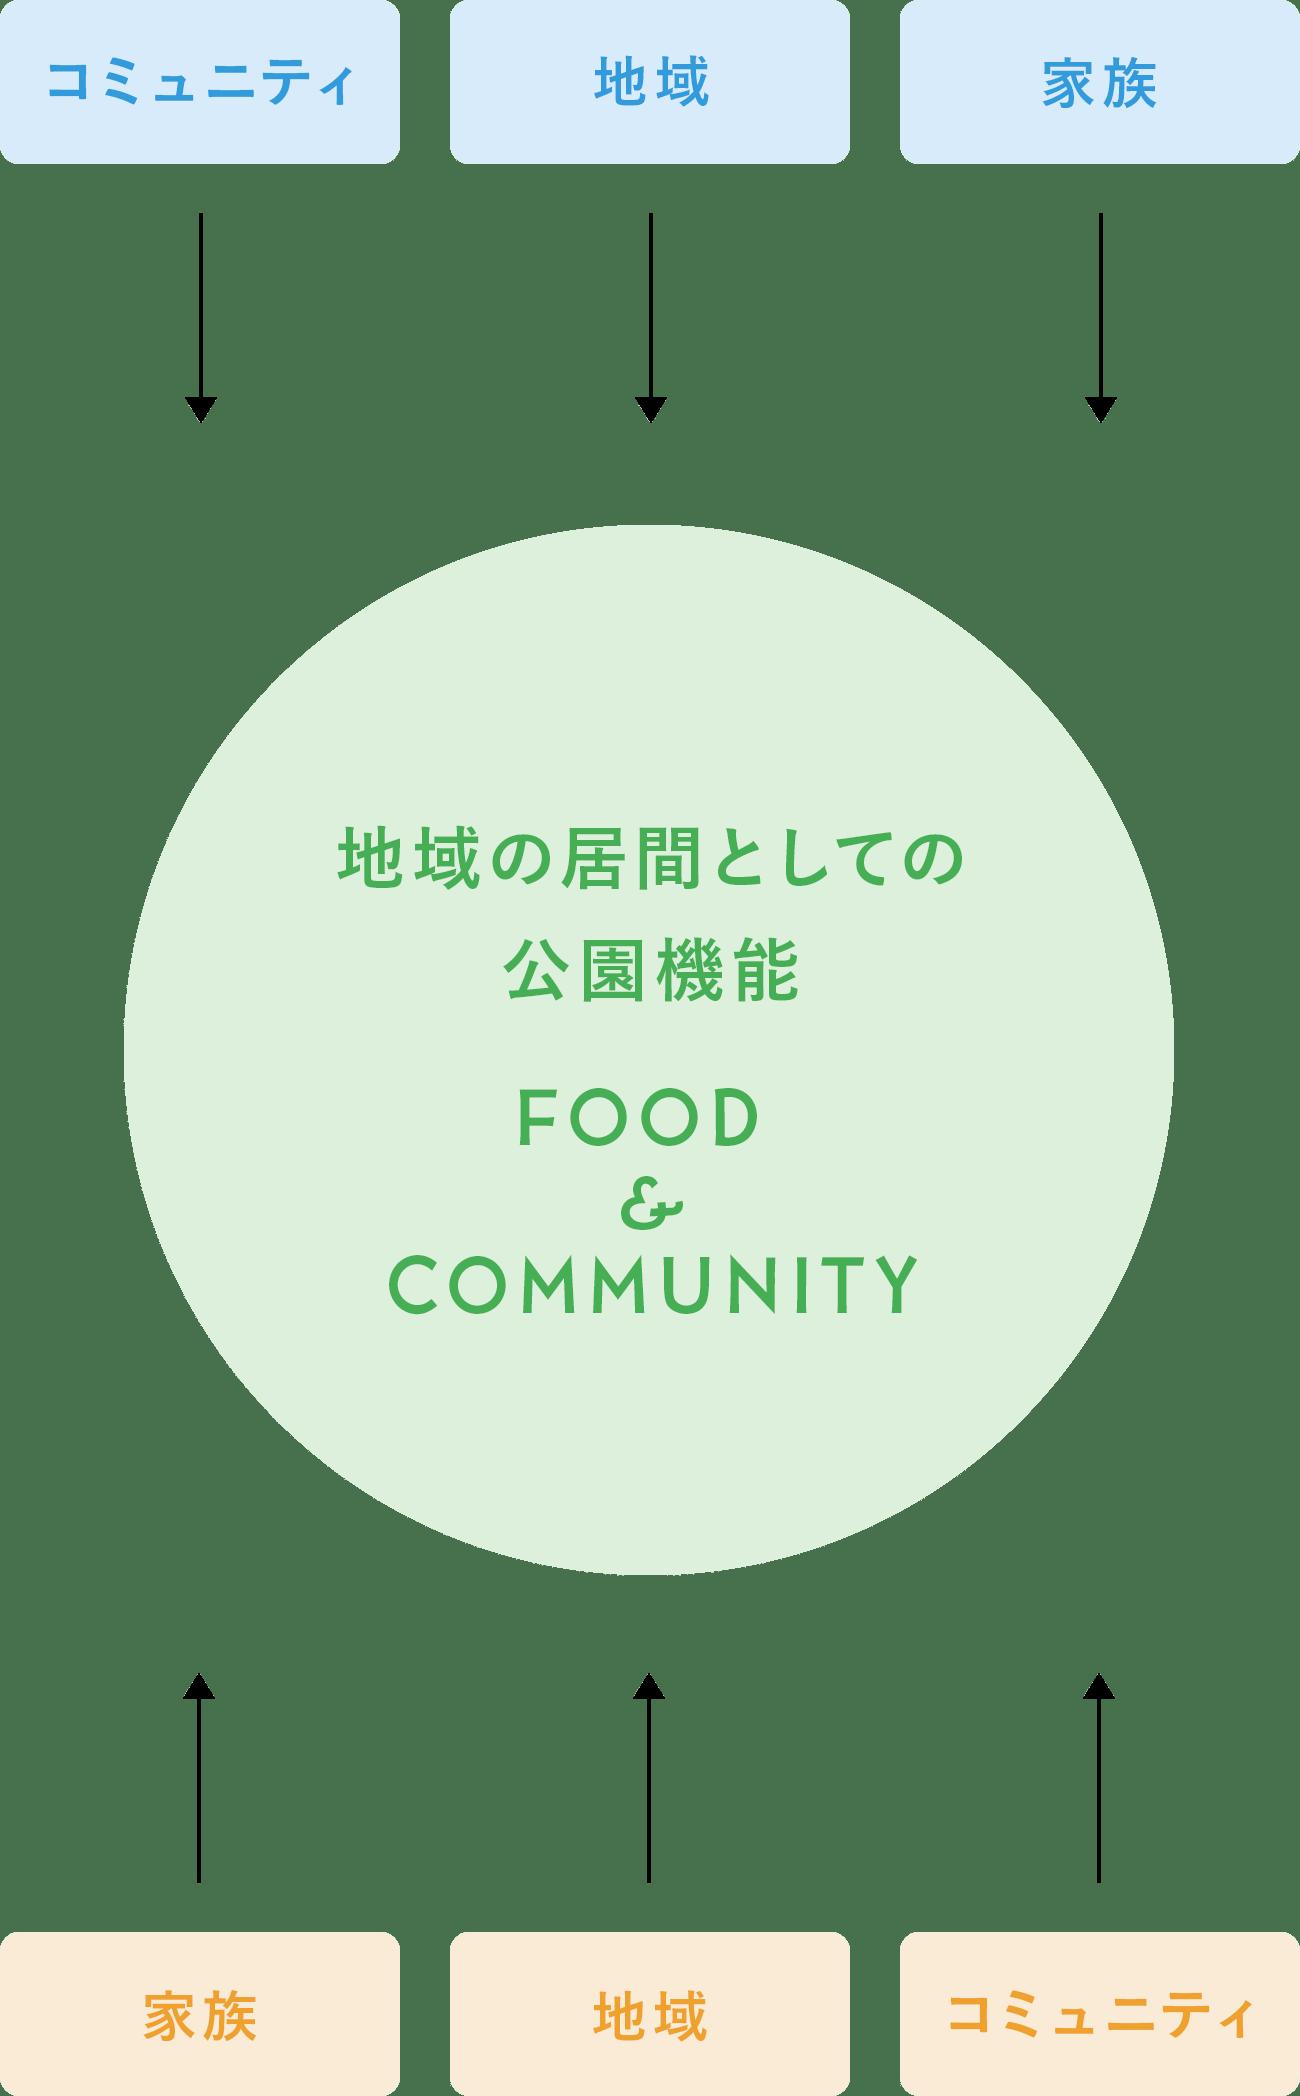 地域の居間としての公園機能 FOOD&COMMUNITY(コミュニティ・地域・家族)